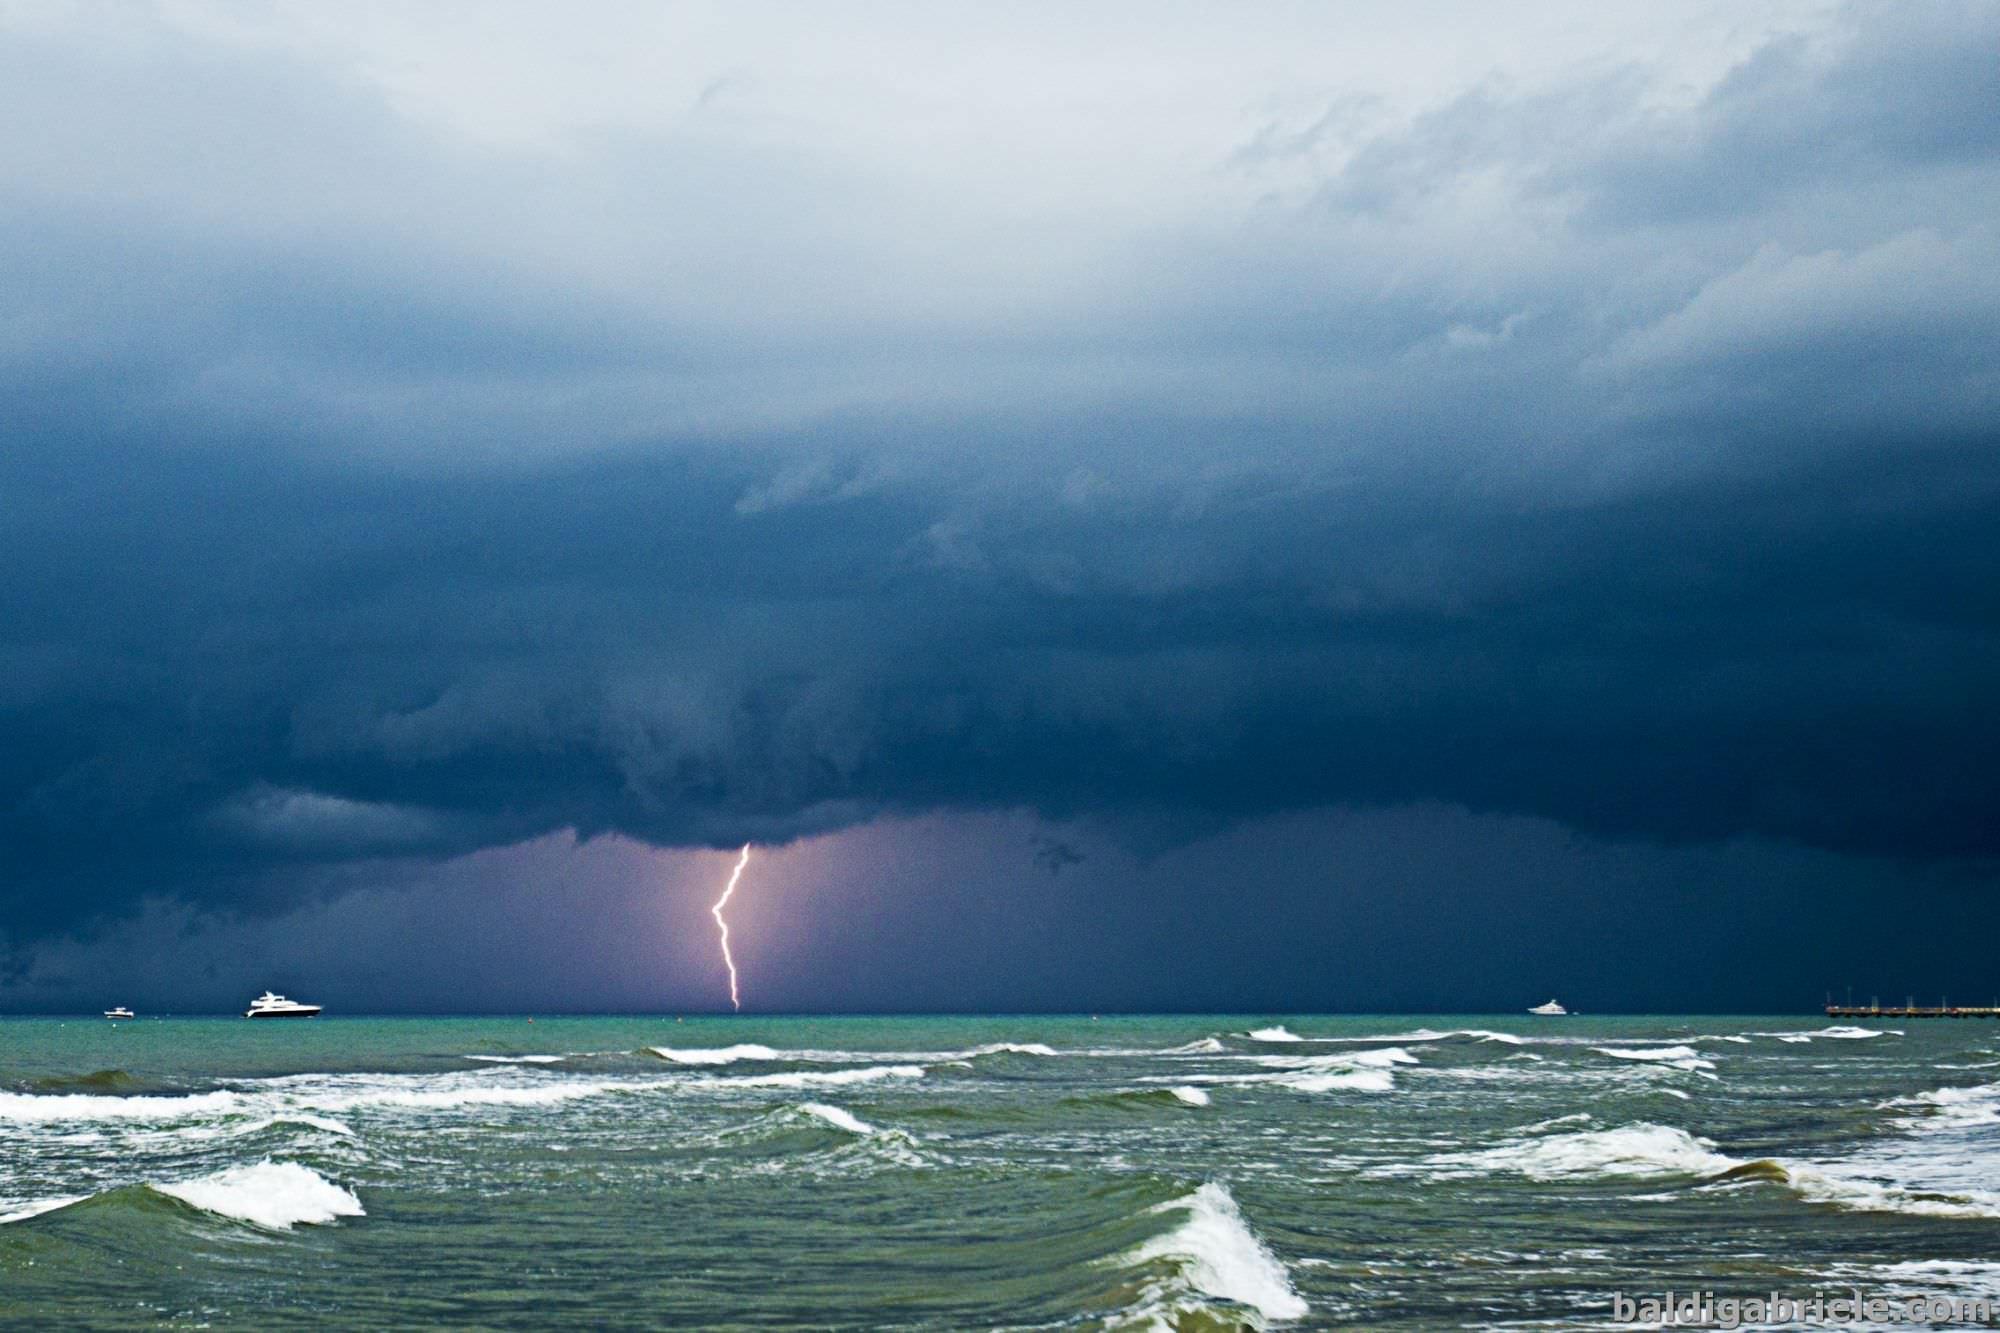 Pioggia e forti temporali, nuova allerta meteo con codice arancione